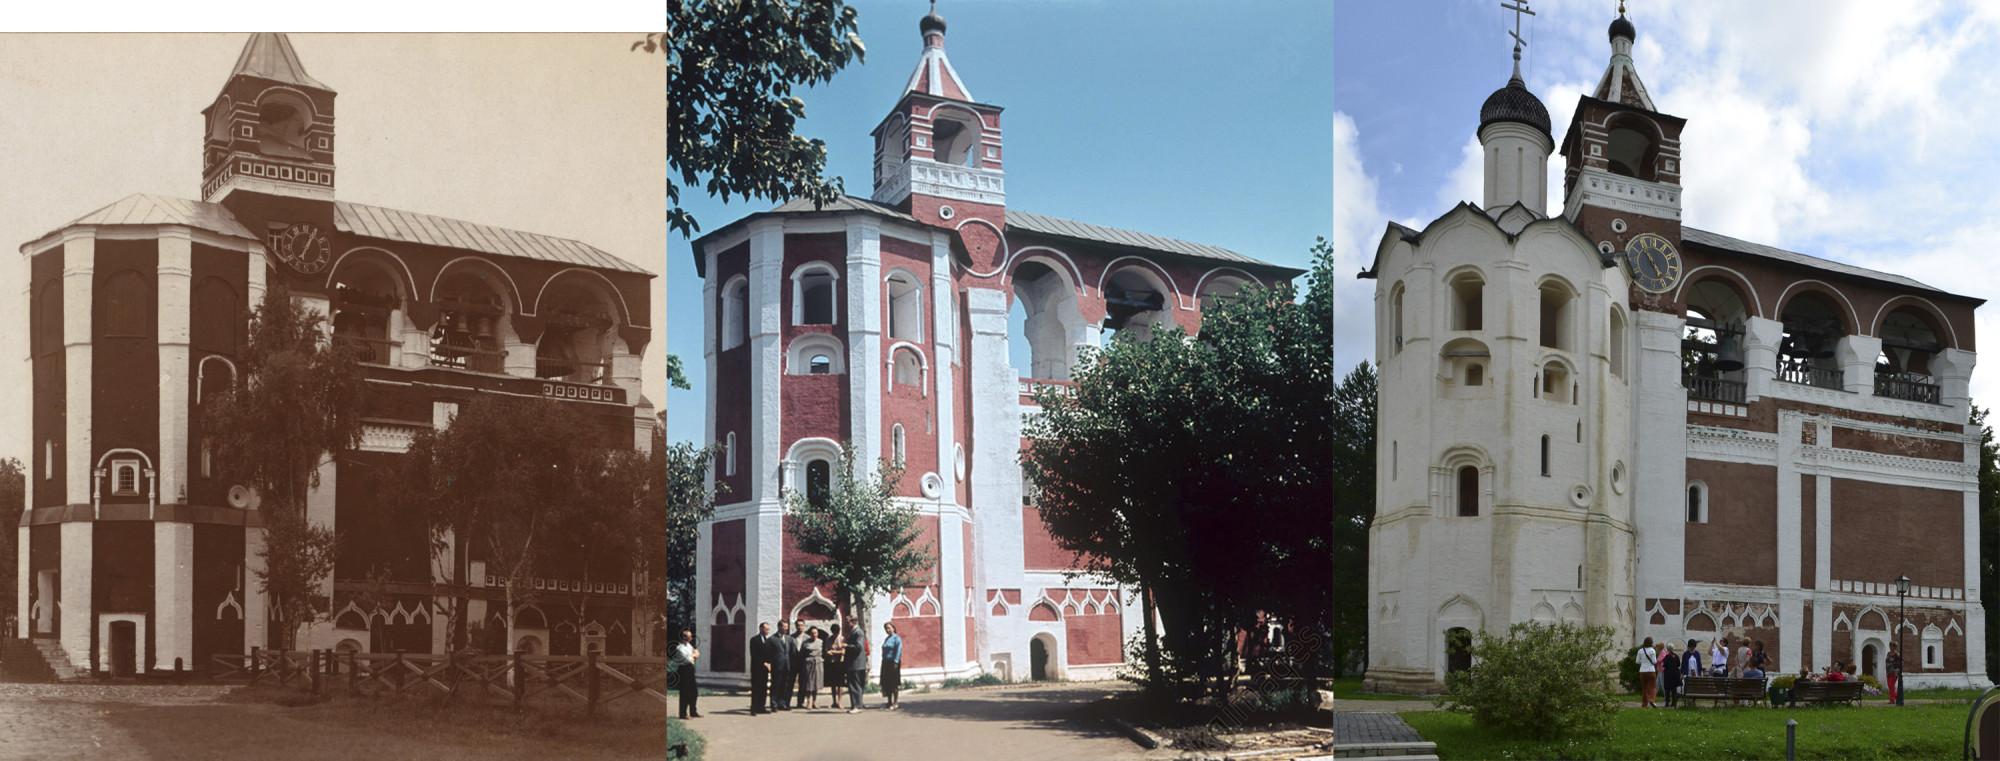 Звонница Спасо-Евфимиевского монастыря 1912-1966-2015